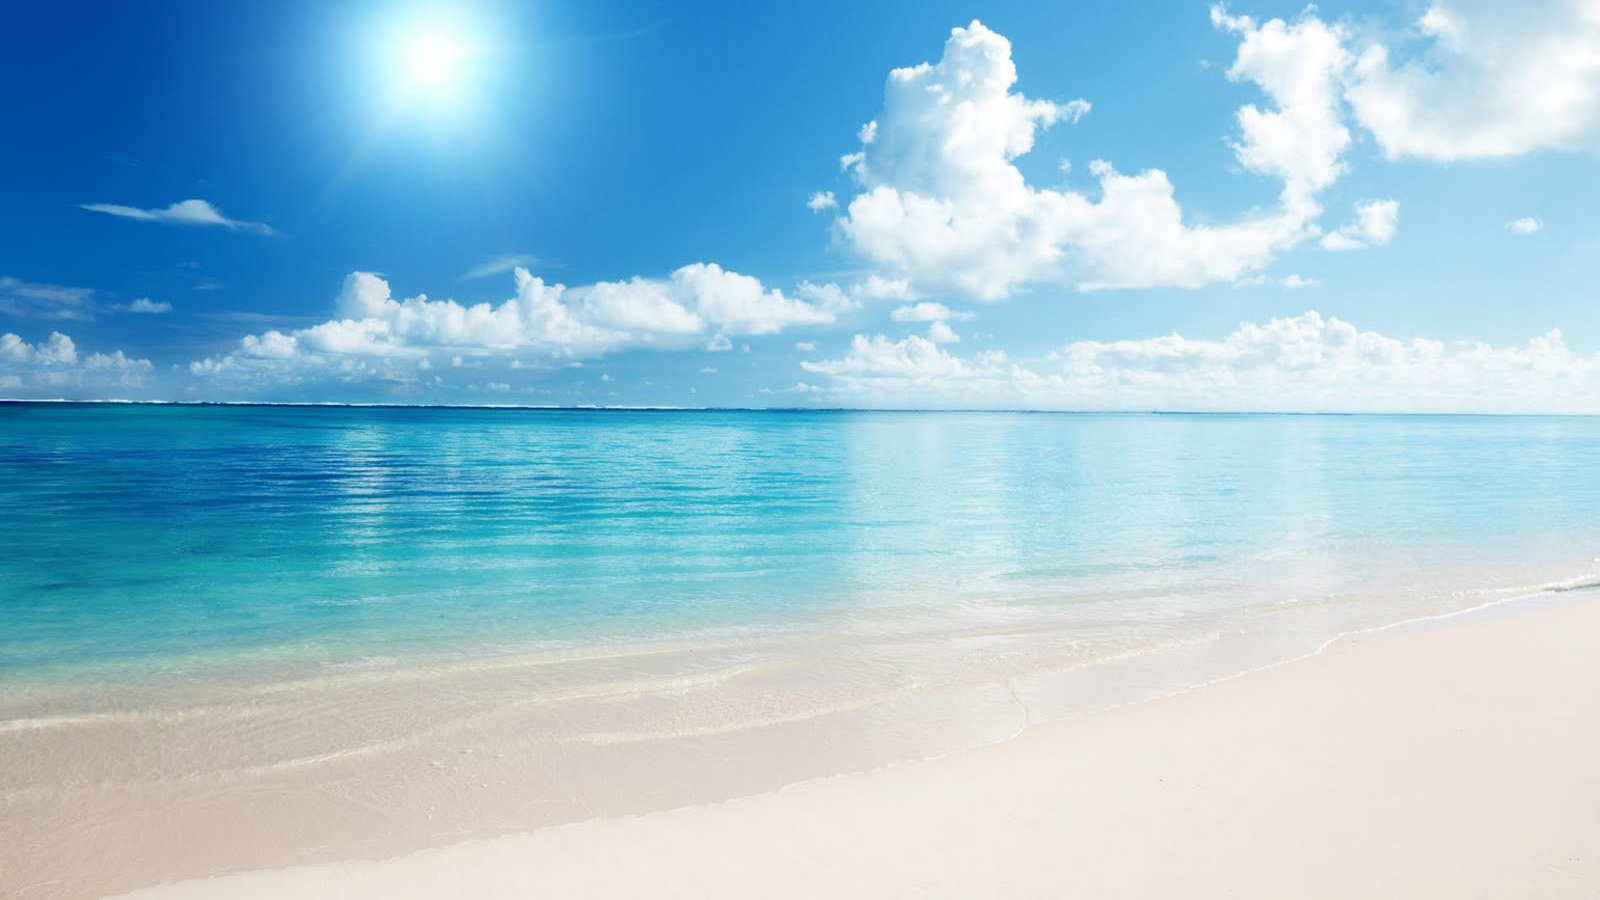 share beach wallpaper wallpaper gallery to the pinterest facebook 1600x900